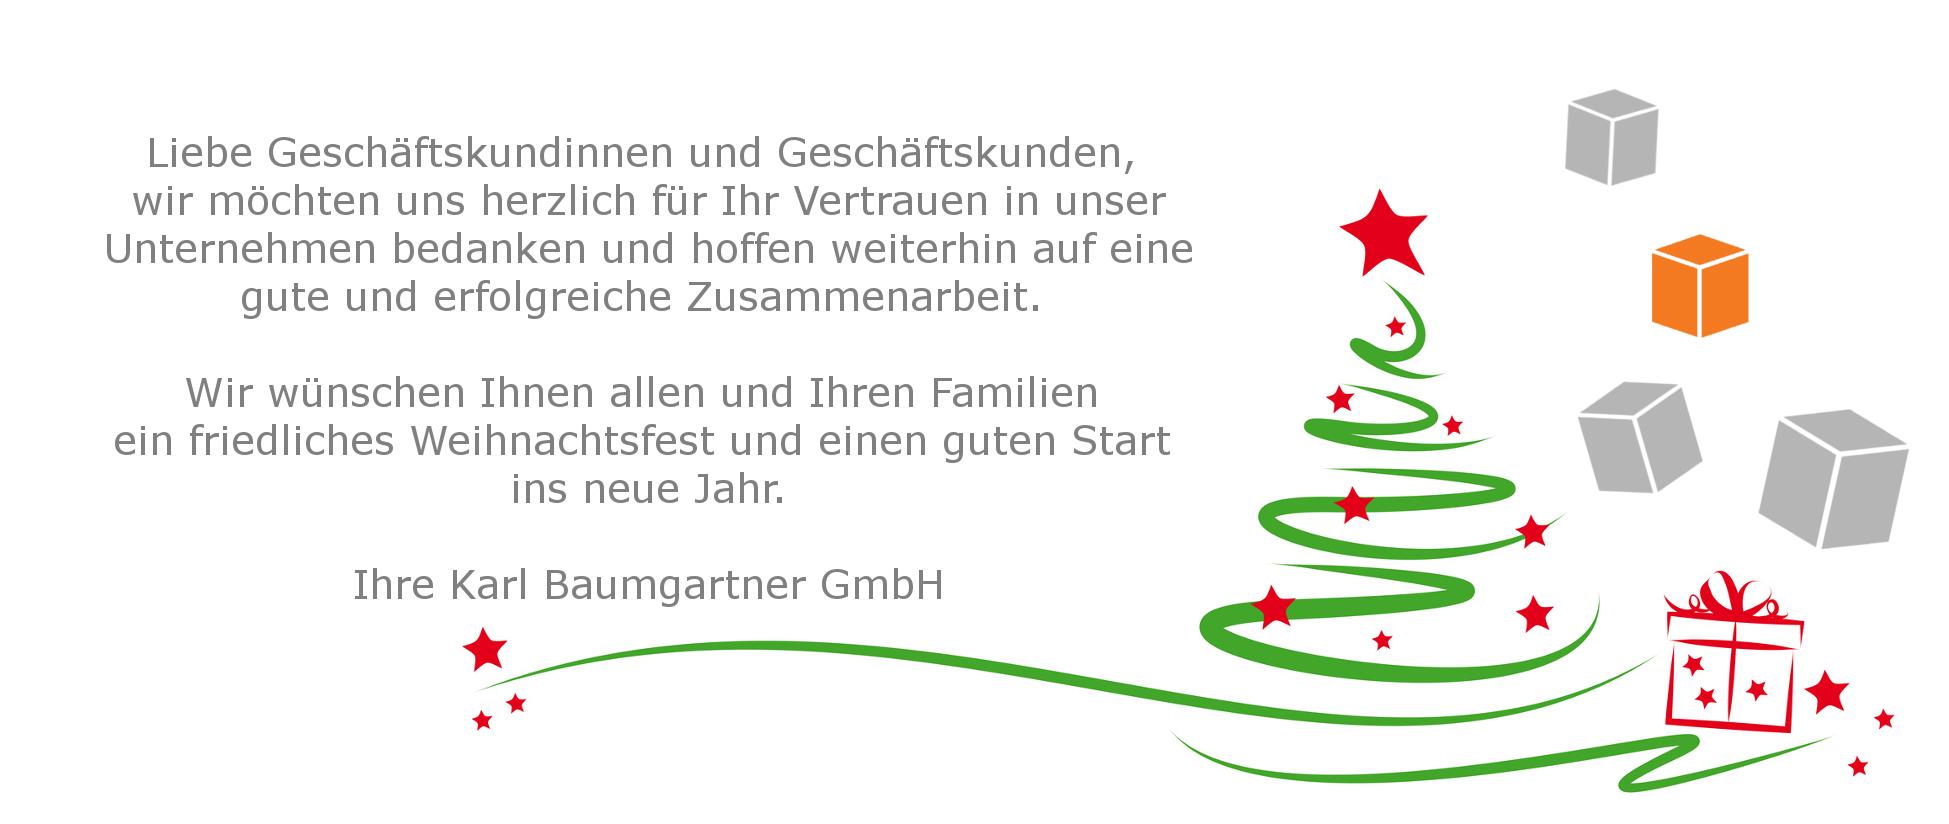 Frohe Feiertage und ein gutes neues Jahr! | genial-heizen.de